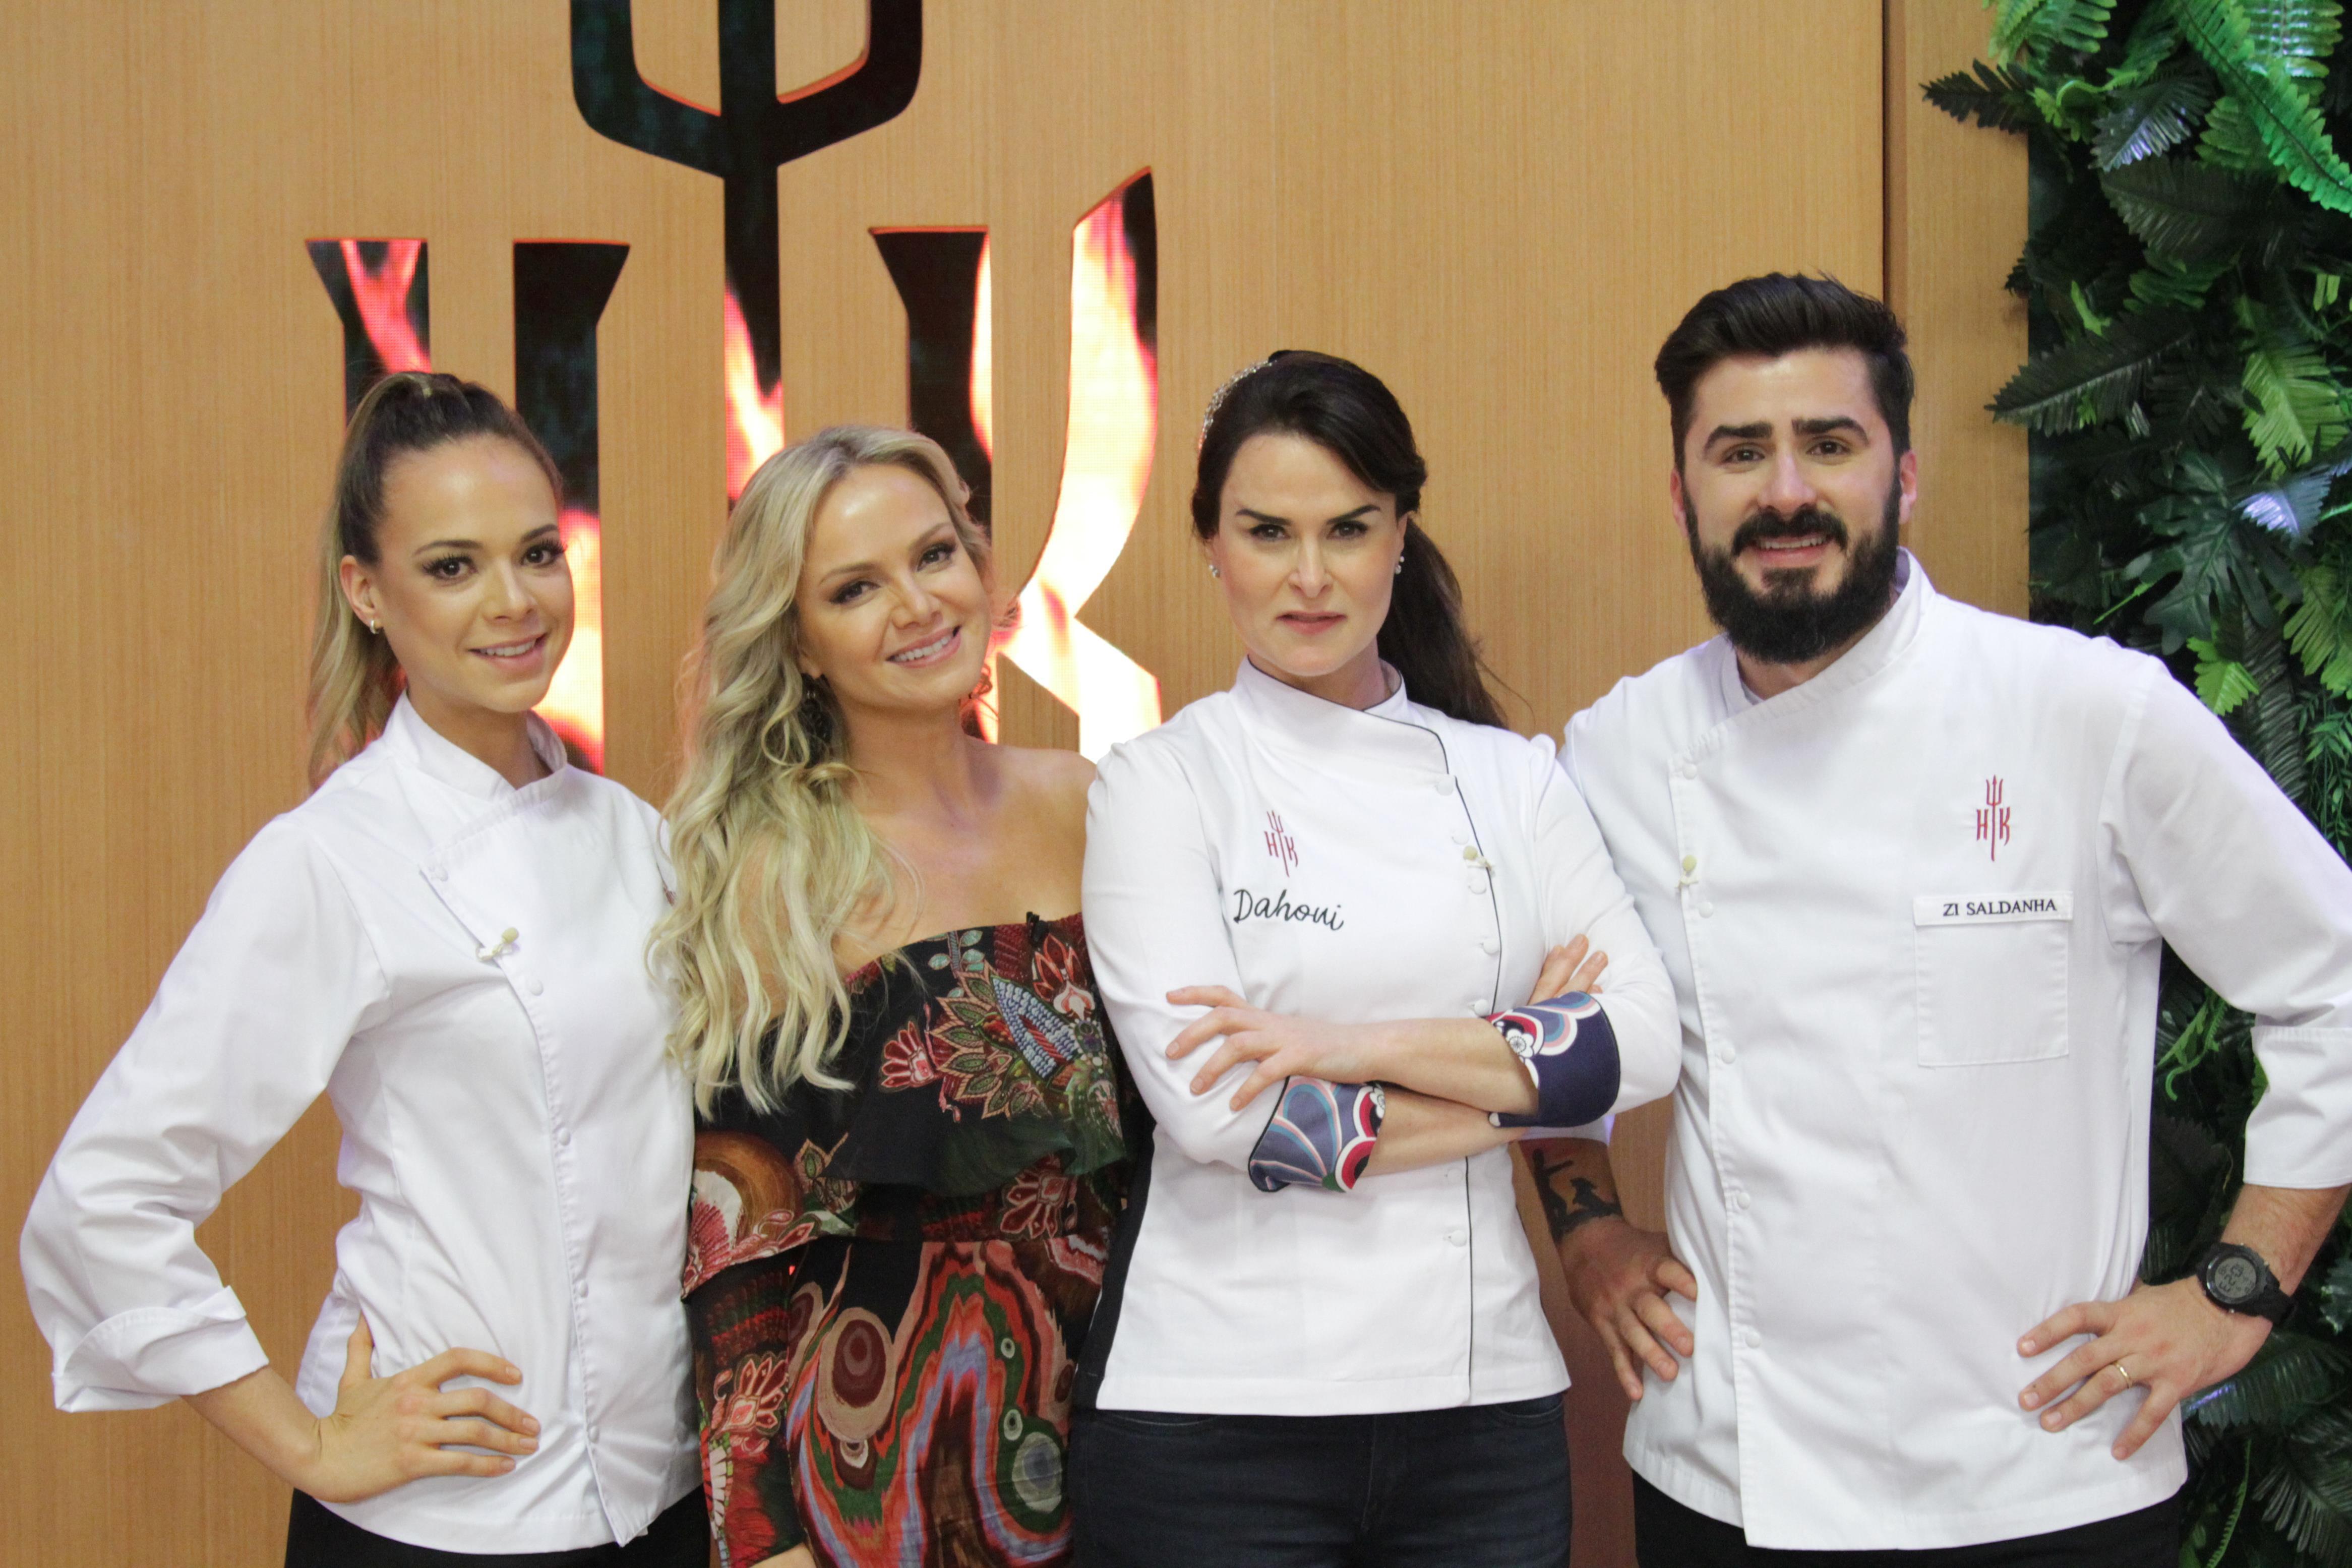 Eliana com os apresentadores do Hell's Kitchen (Fotos Gabriel Gabe/SBT)